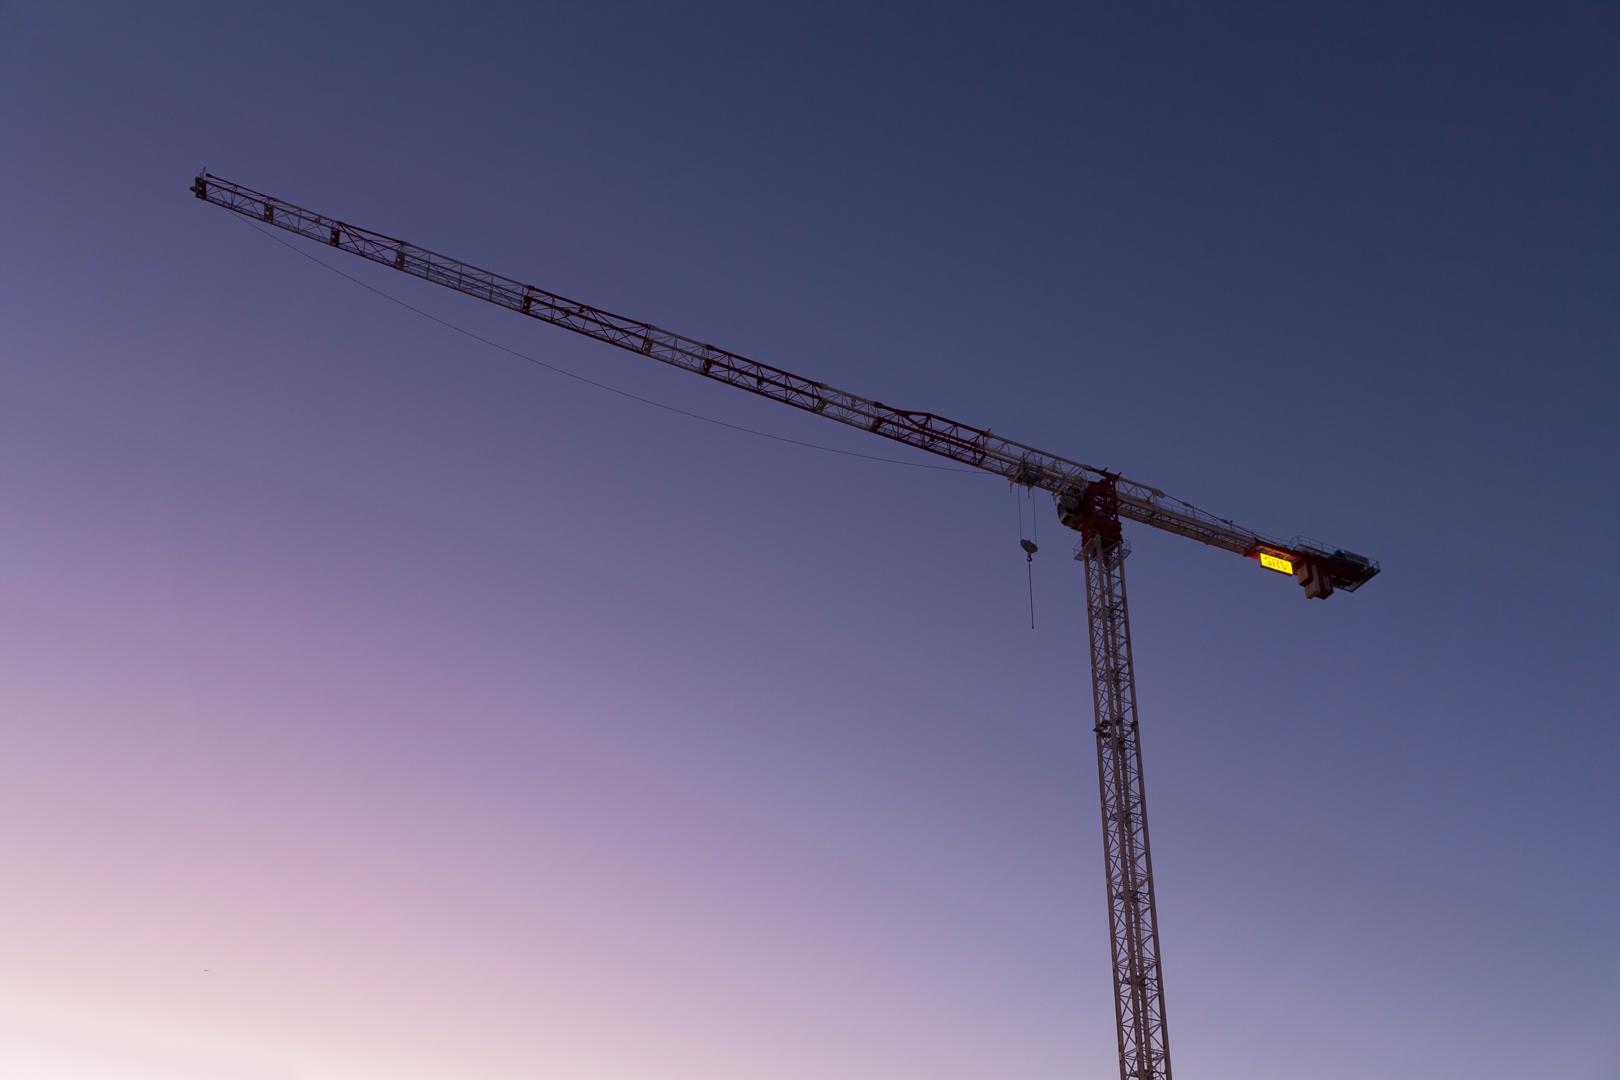 Reaching skies - photography, cityscape - anttitassberg | ello